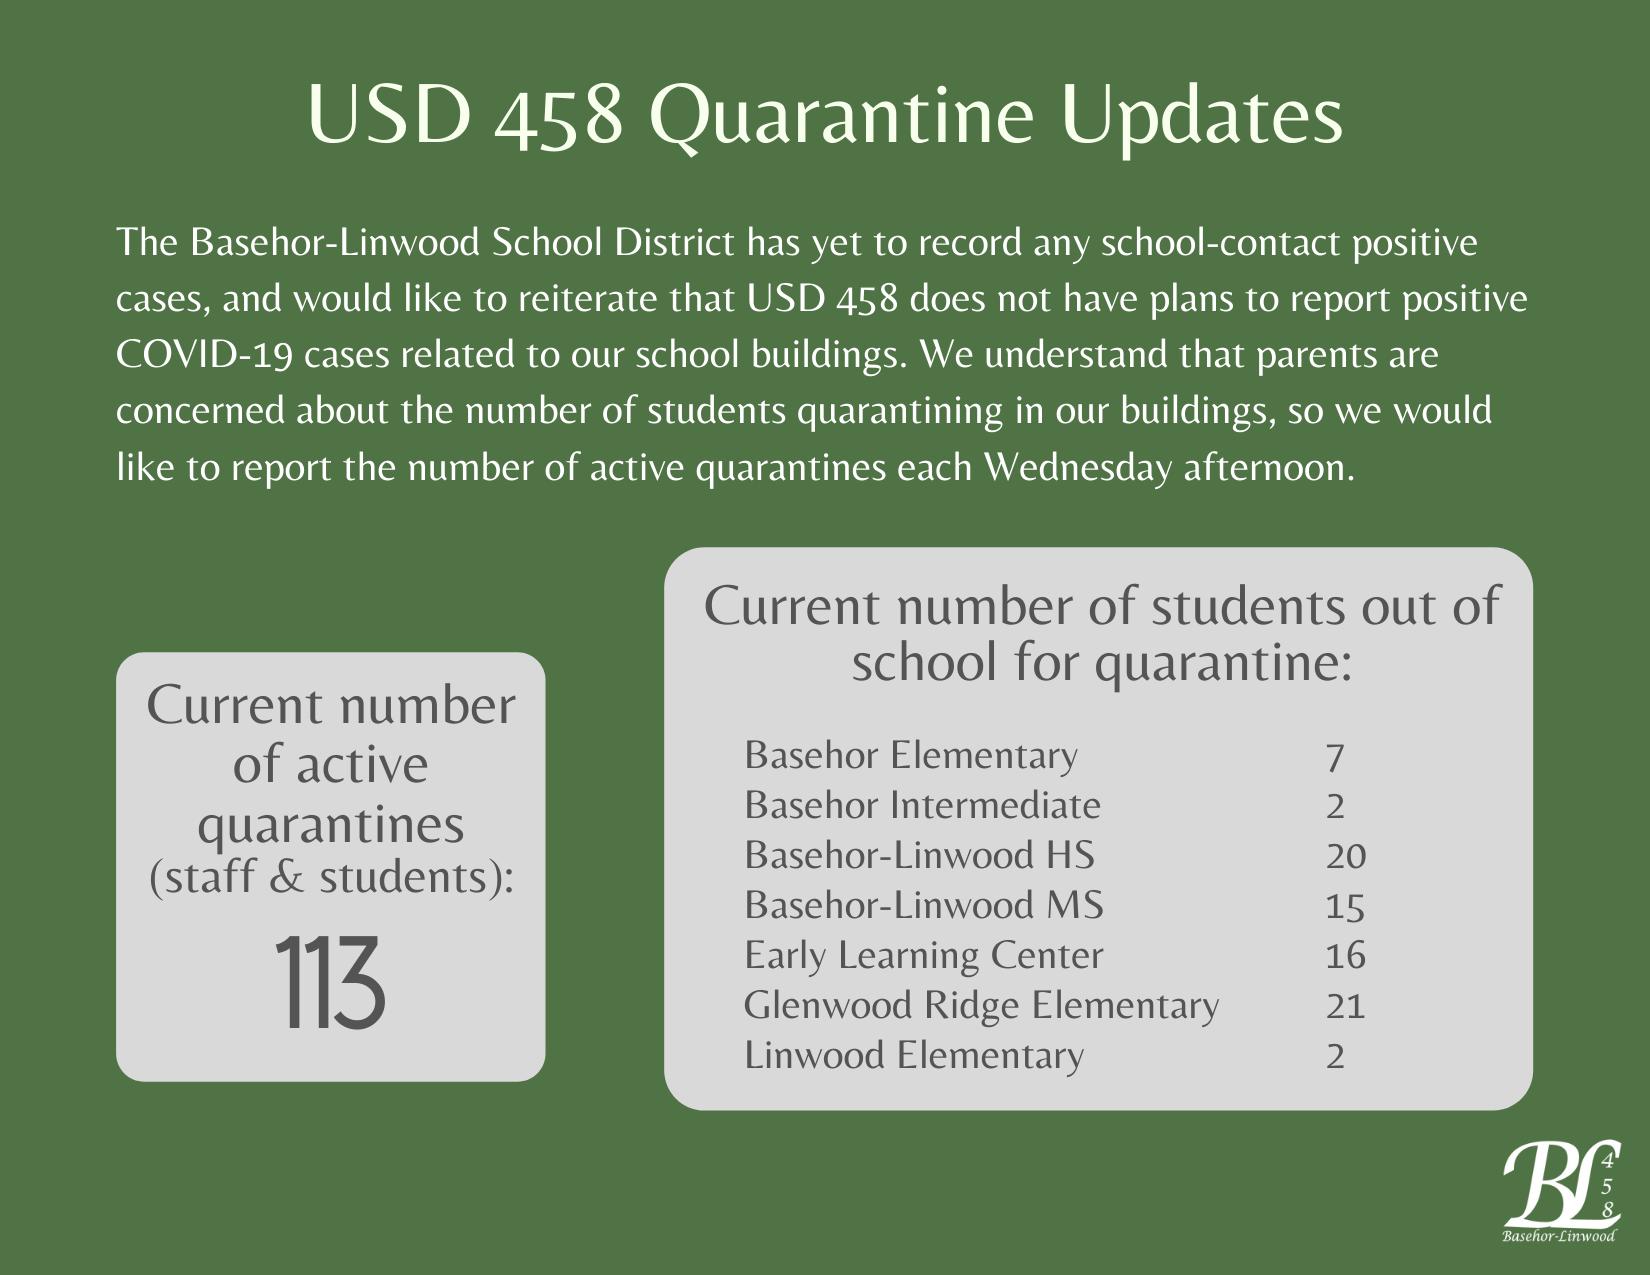 113 quarantines